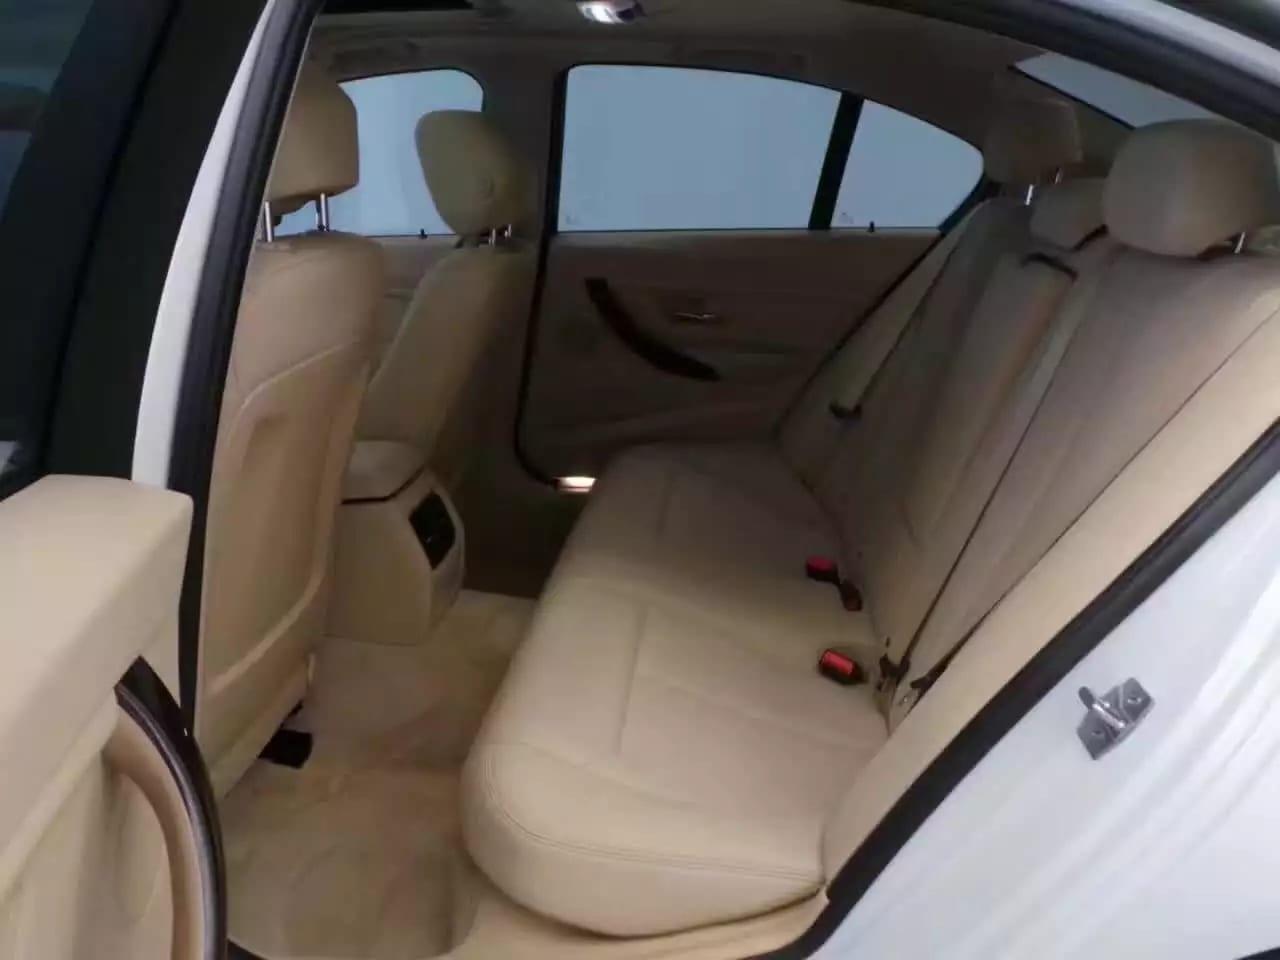 二手车拍卖 2013宝马320i xdrive,经典配色,超值入门德系。